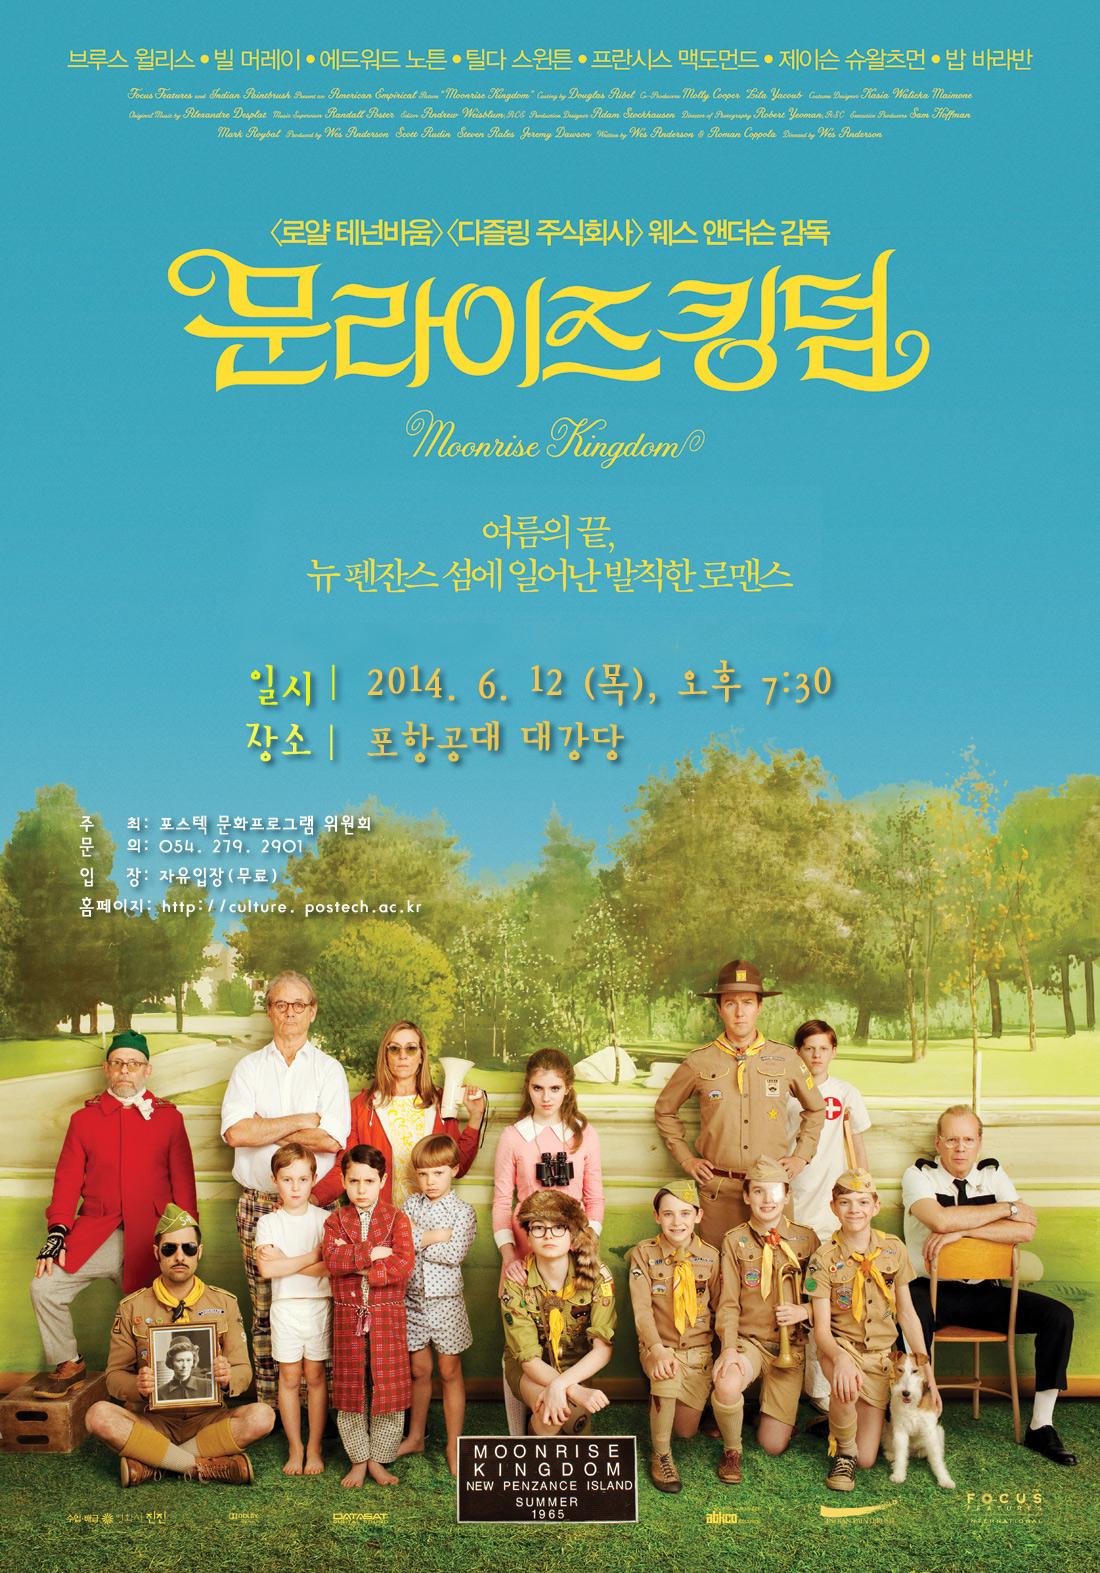 [문화프로그램] 영화 「문라이즈킹덤」